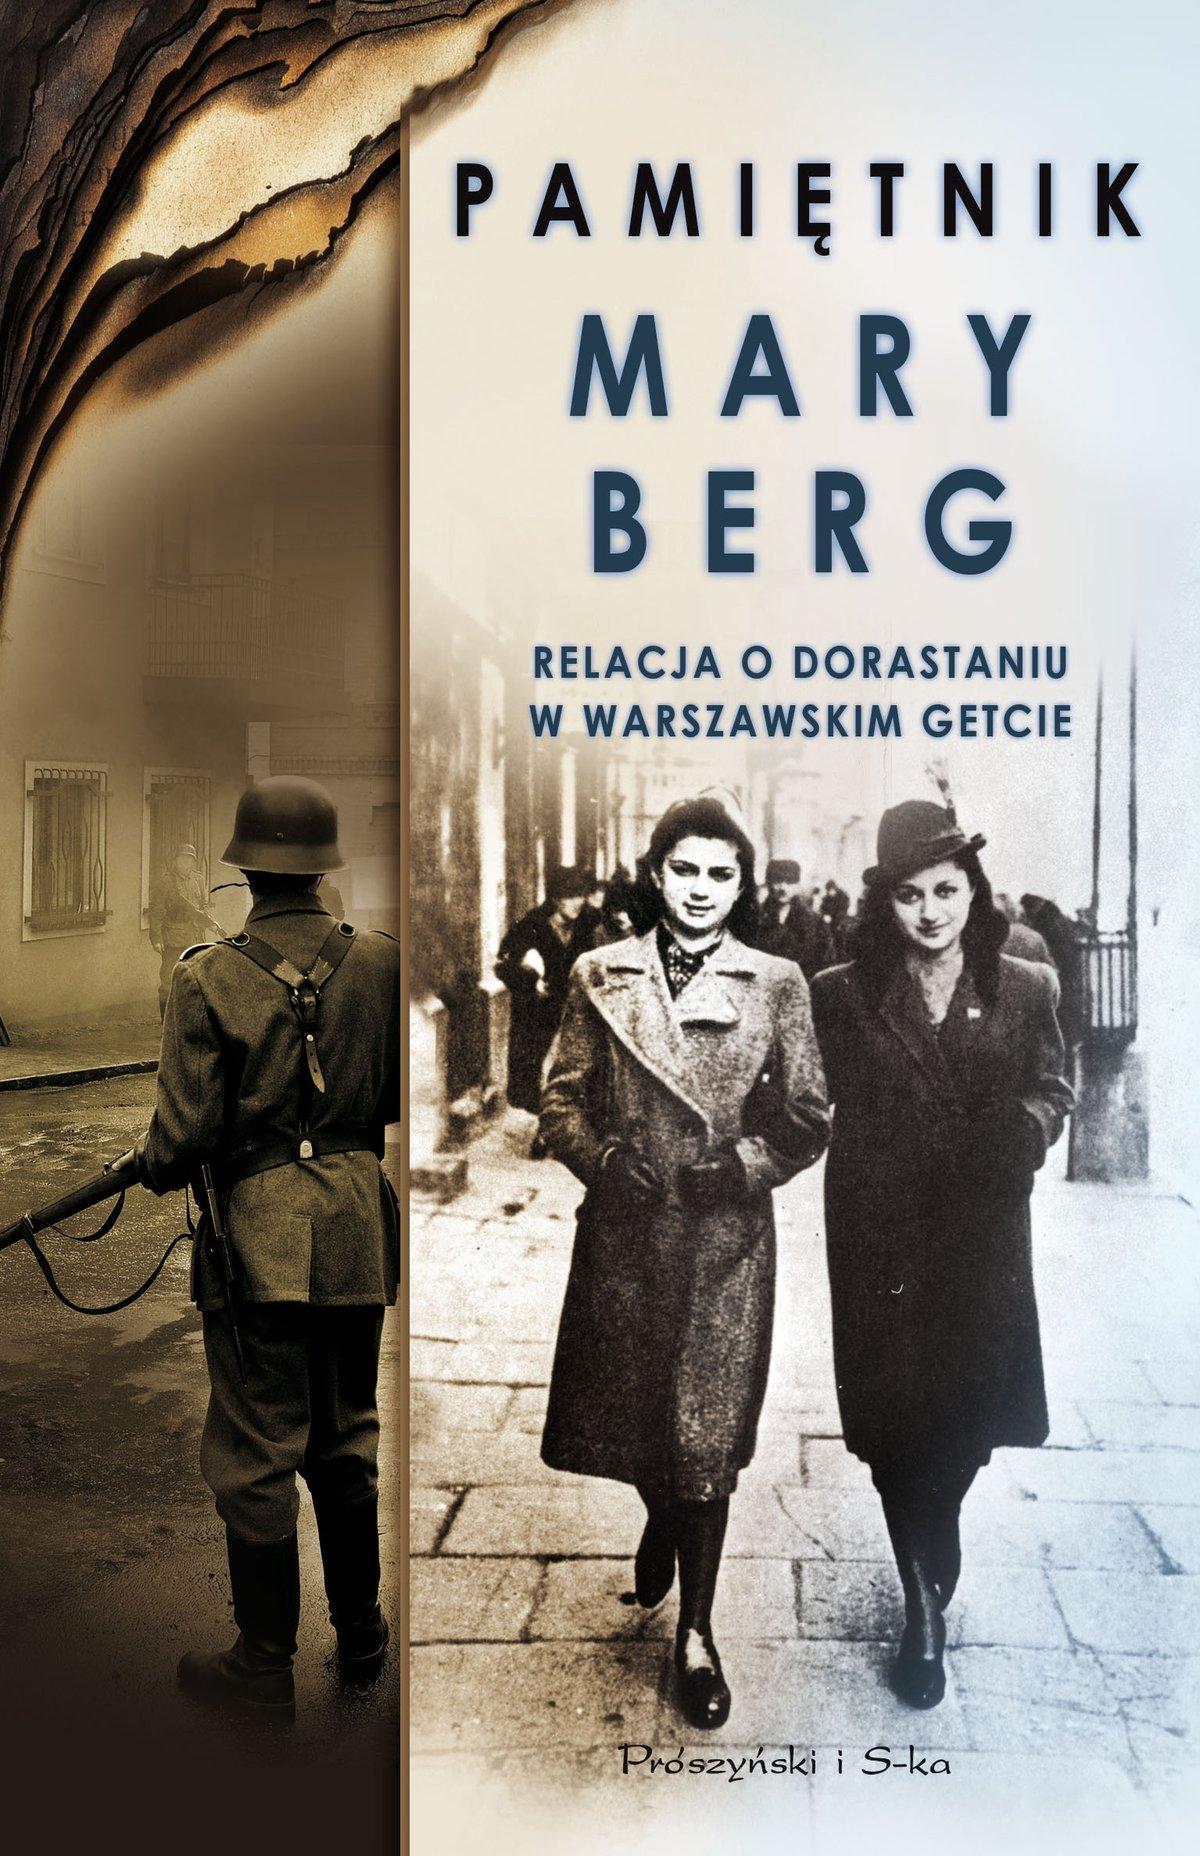 Pamiętnik Mary Berg - Ebook (Książka EPUB) do pobrania w formacie EPUB